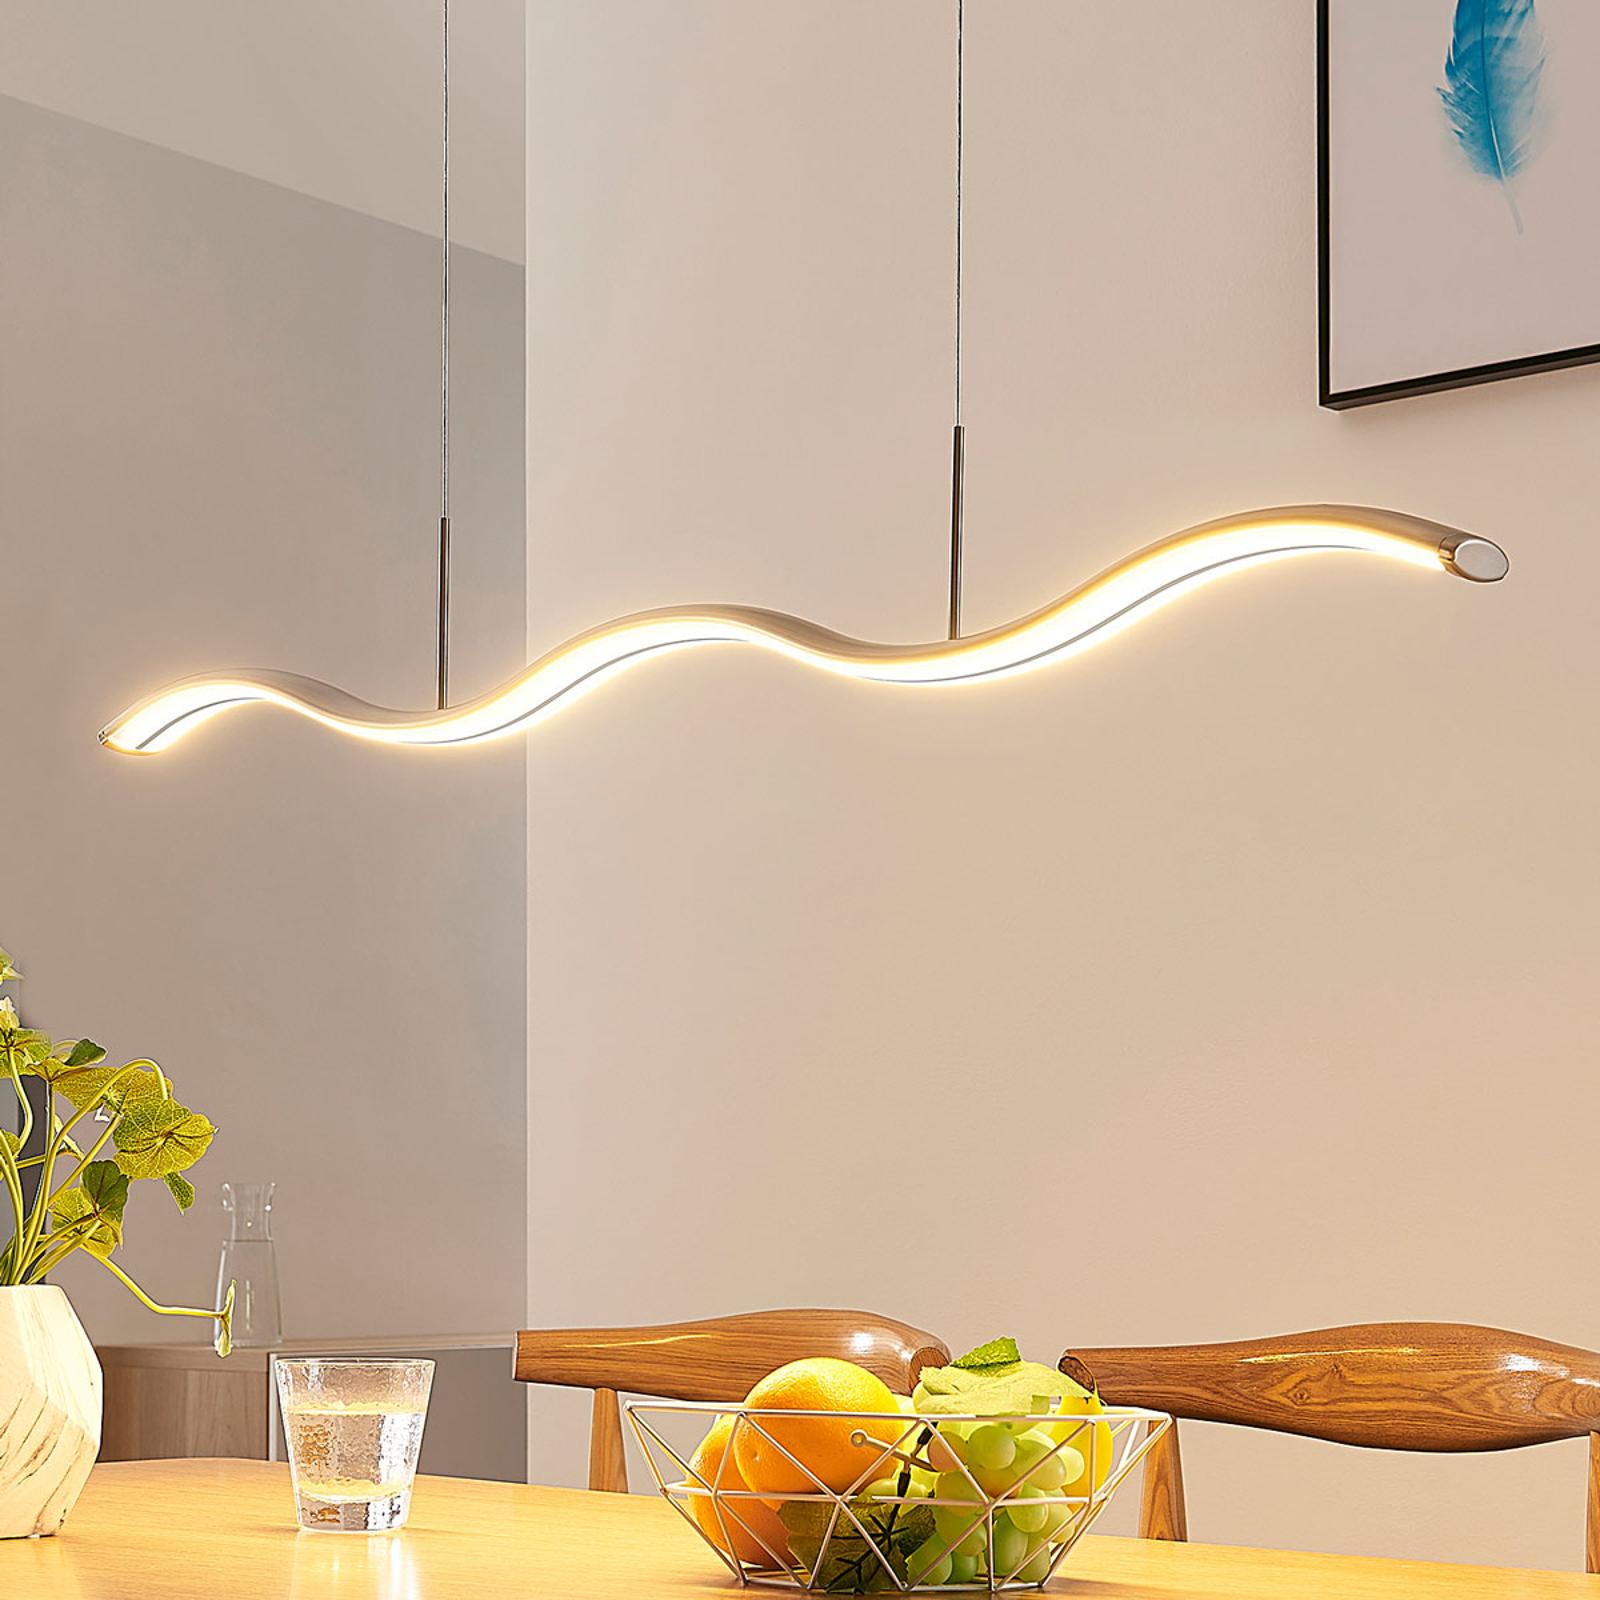 Závěsná LED lampa Brama, ve tvaru vlny